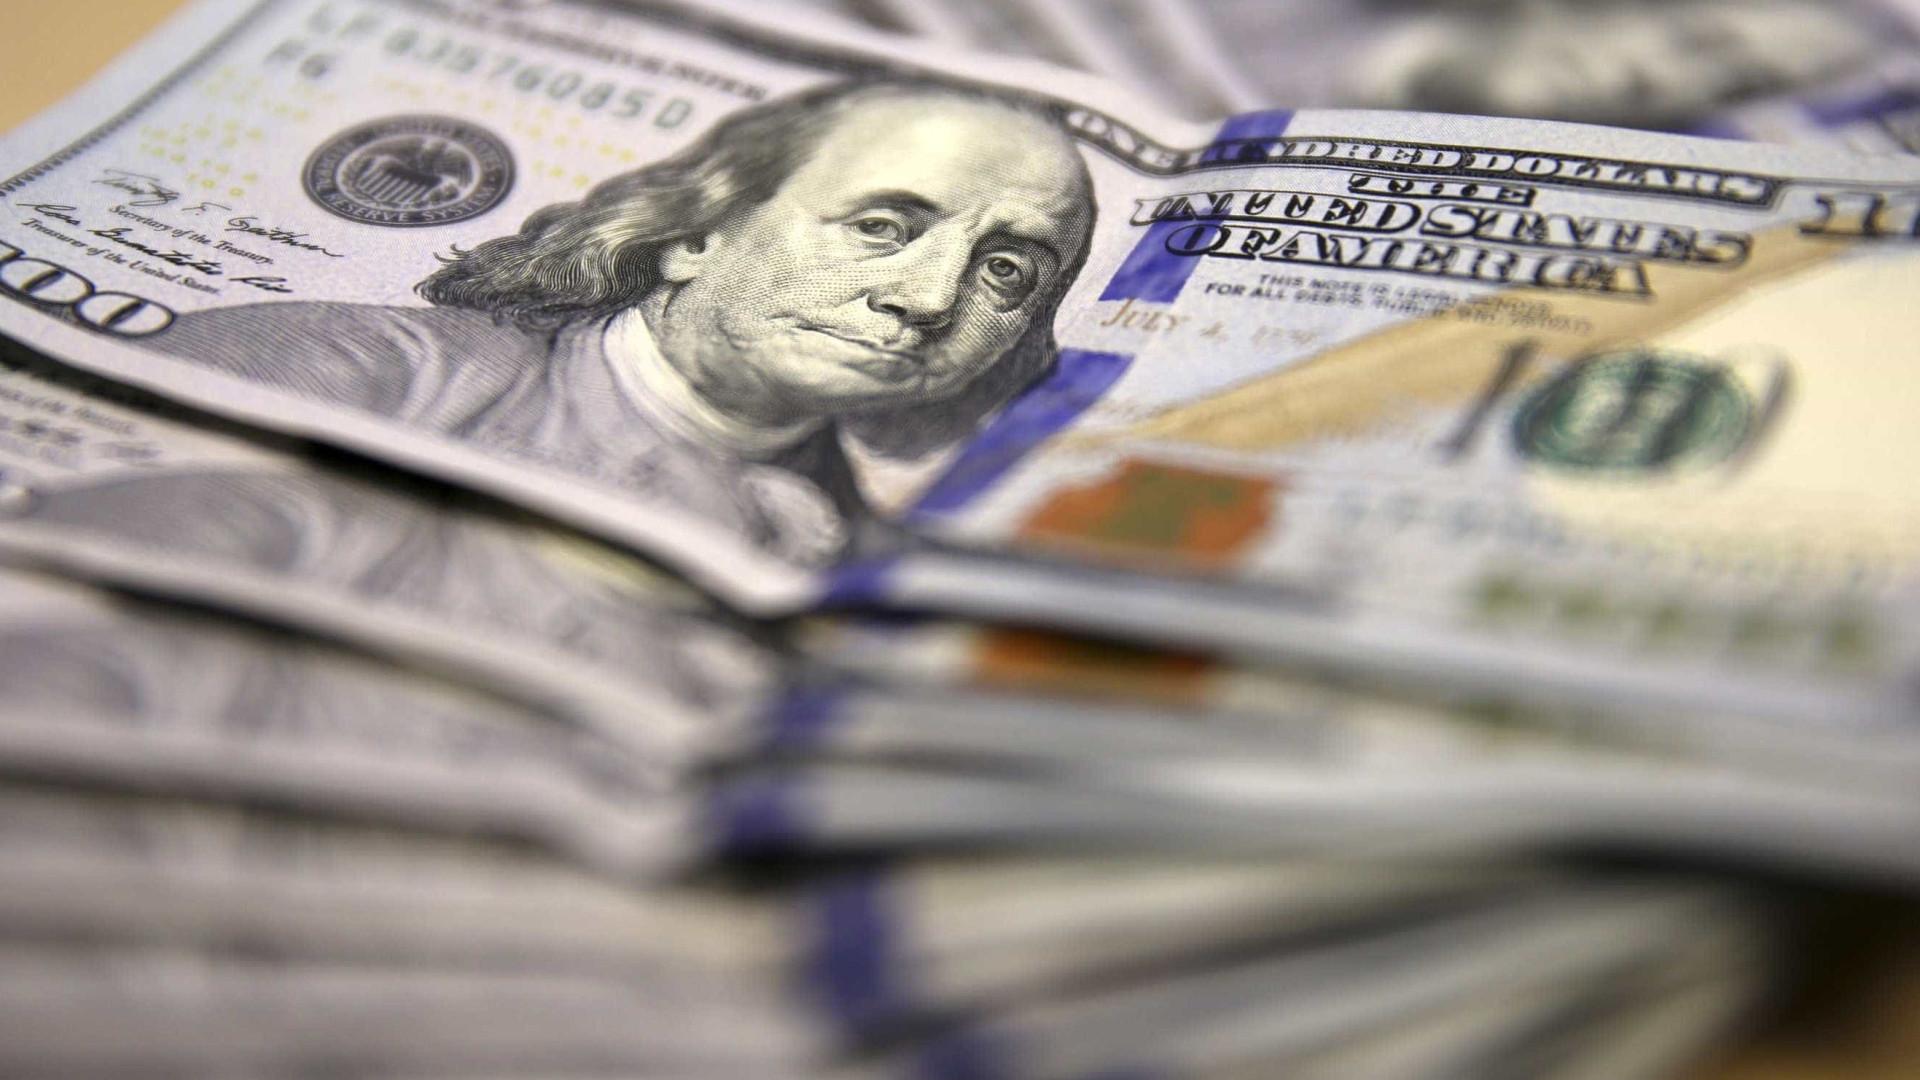 Banco Mundial oferece até mil milhões de dólares à Indonésia em ajuda